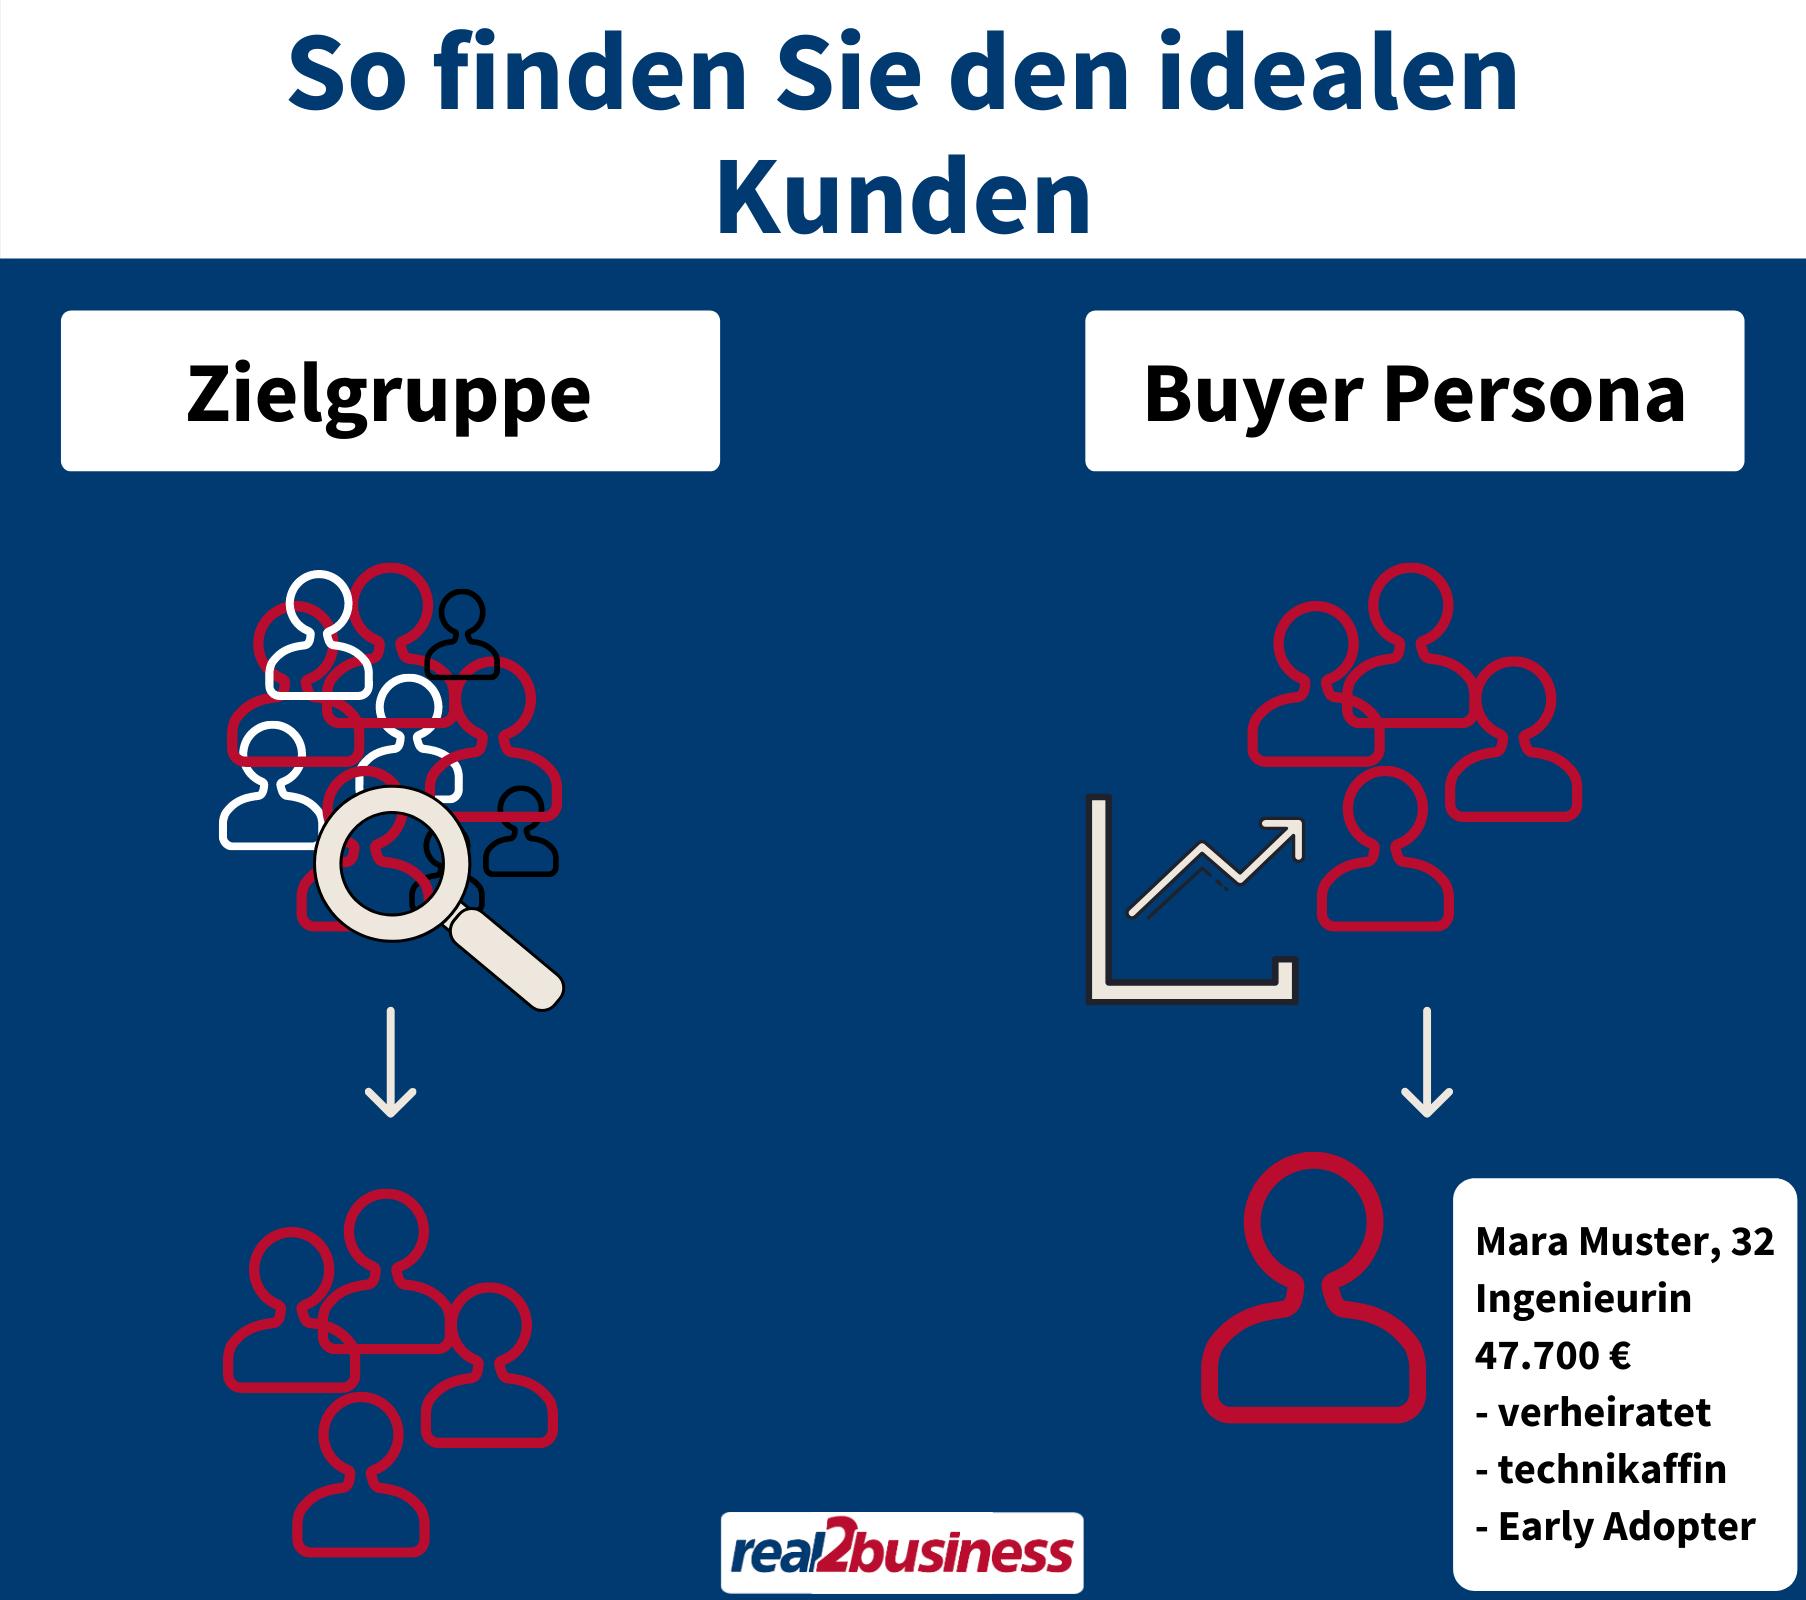 Idealen Kunden finden